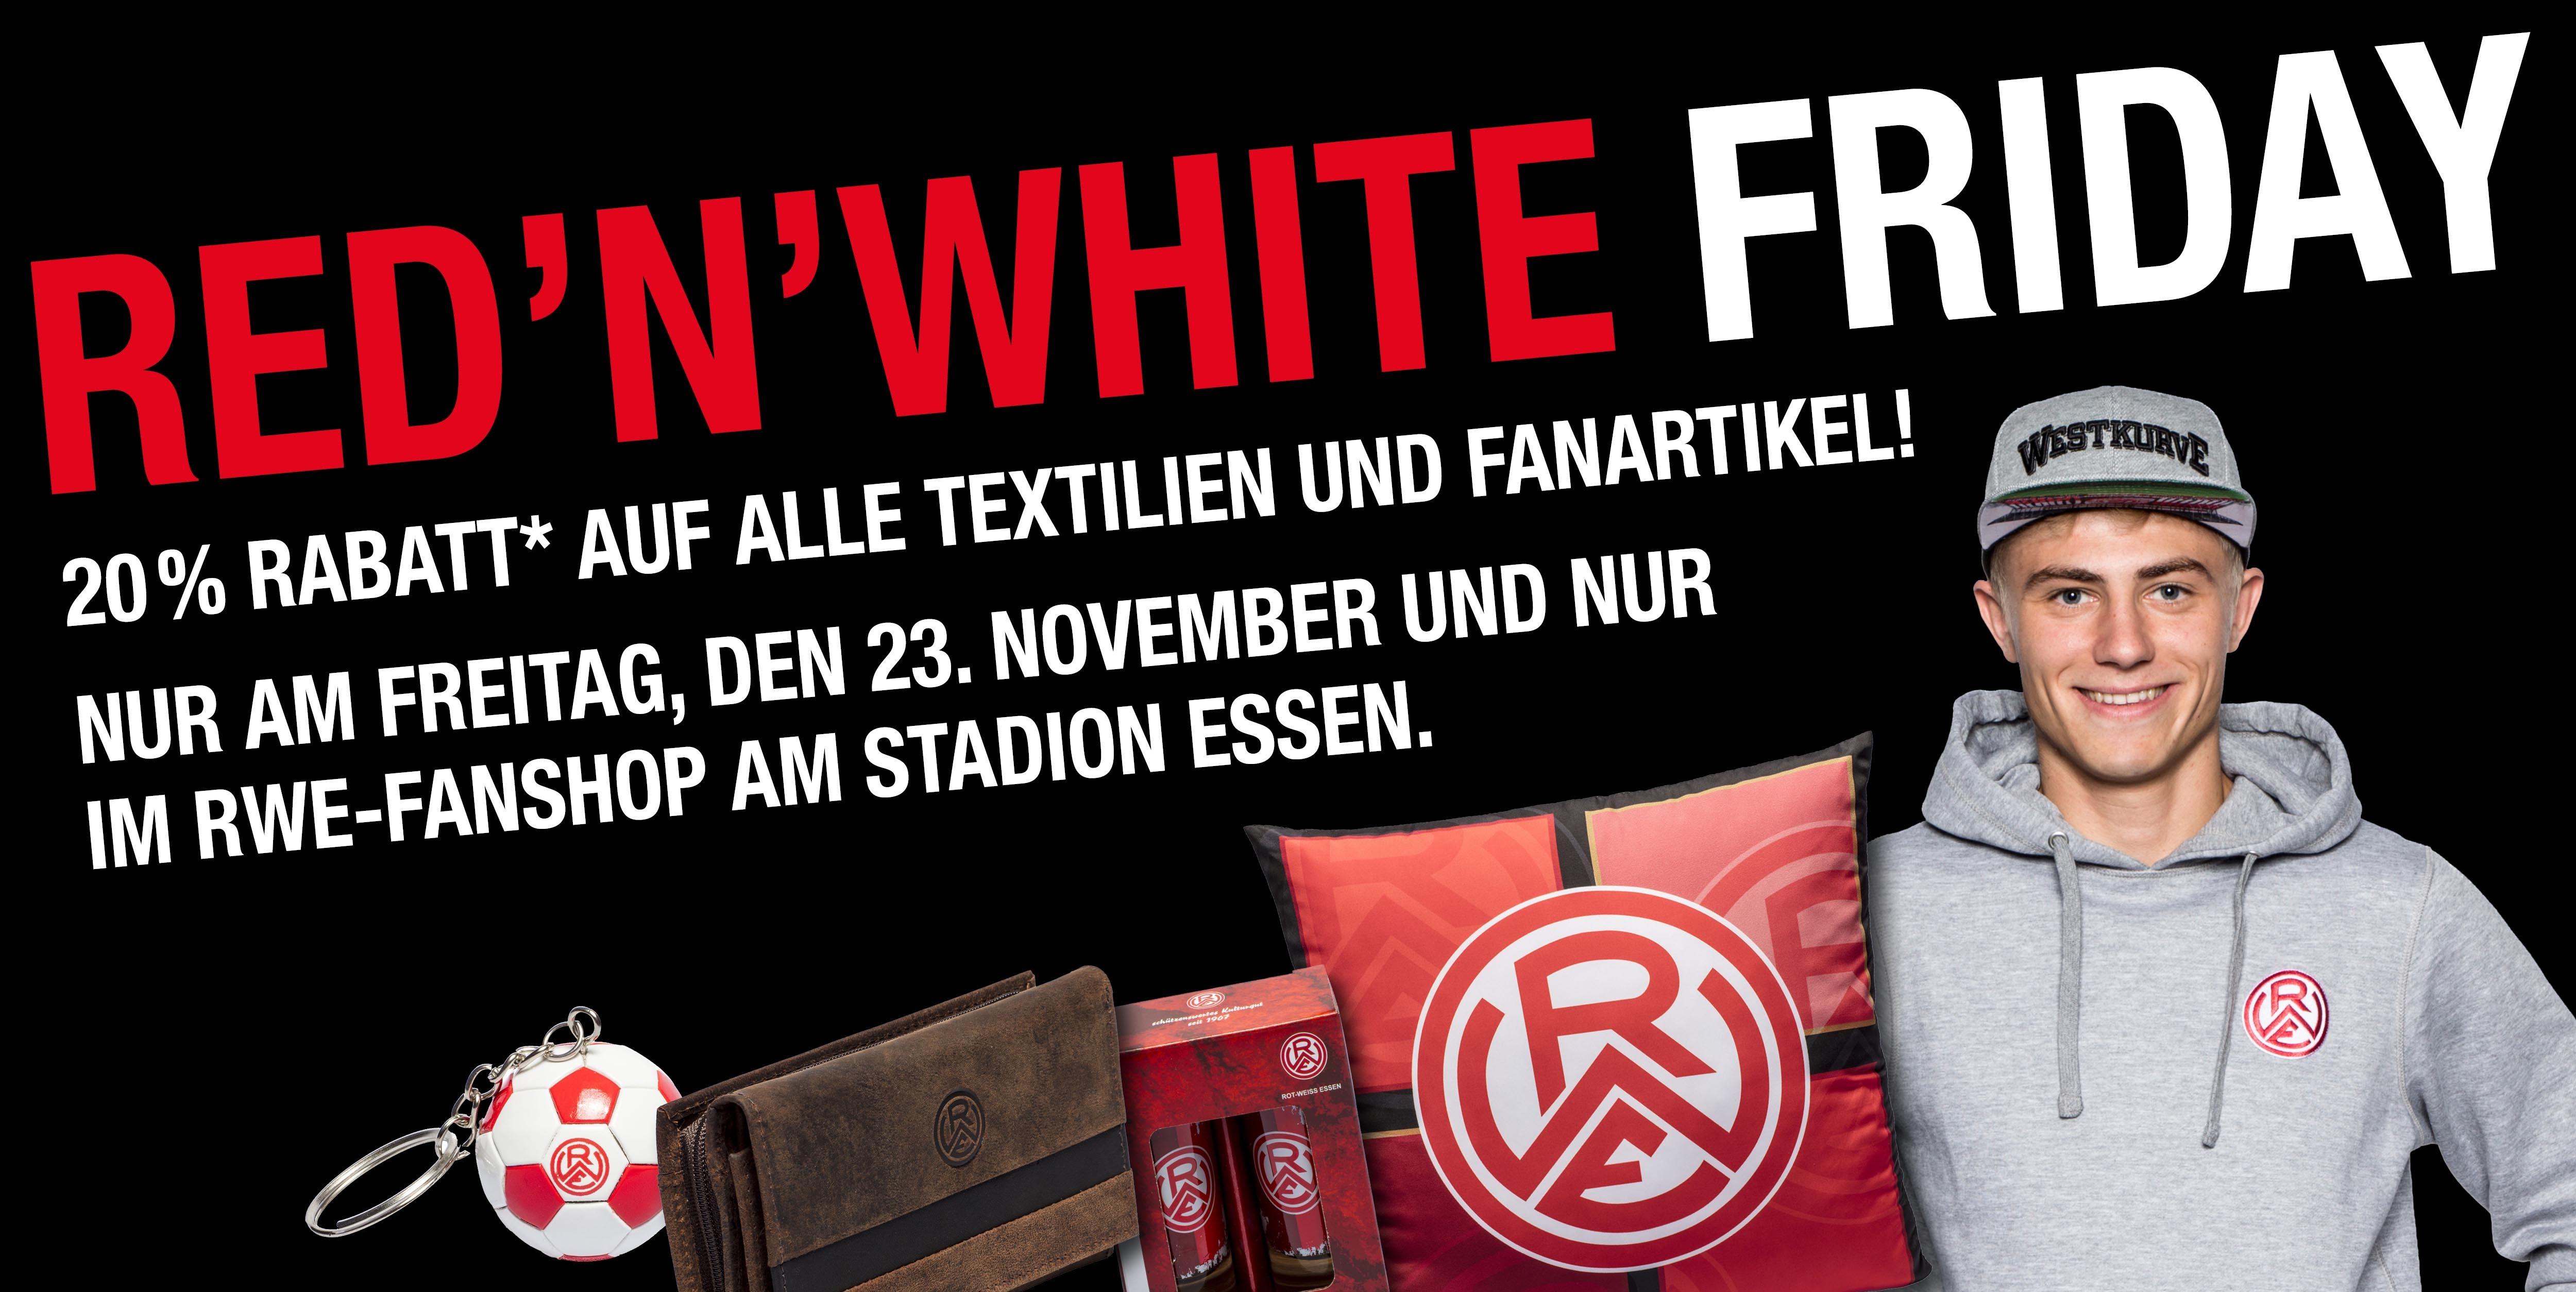 Morgen erwarten die Fans dicke Rabatte im Fanshop an der Hafenstraße.